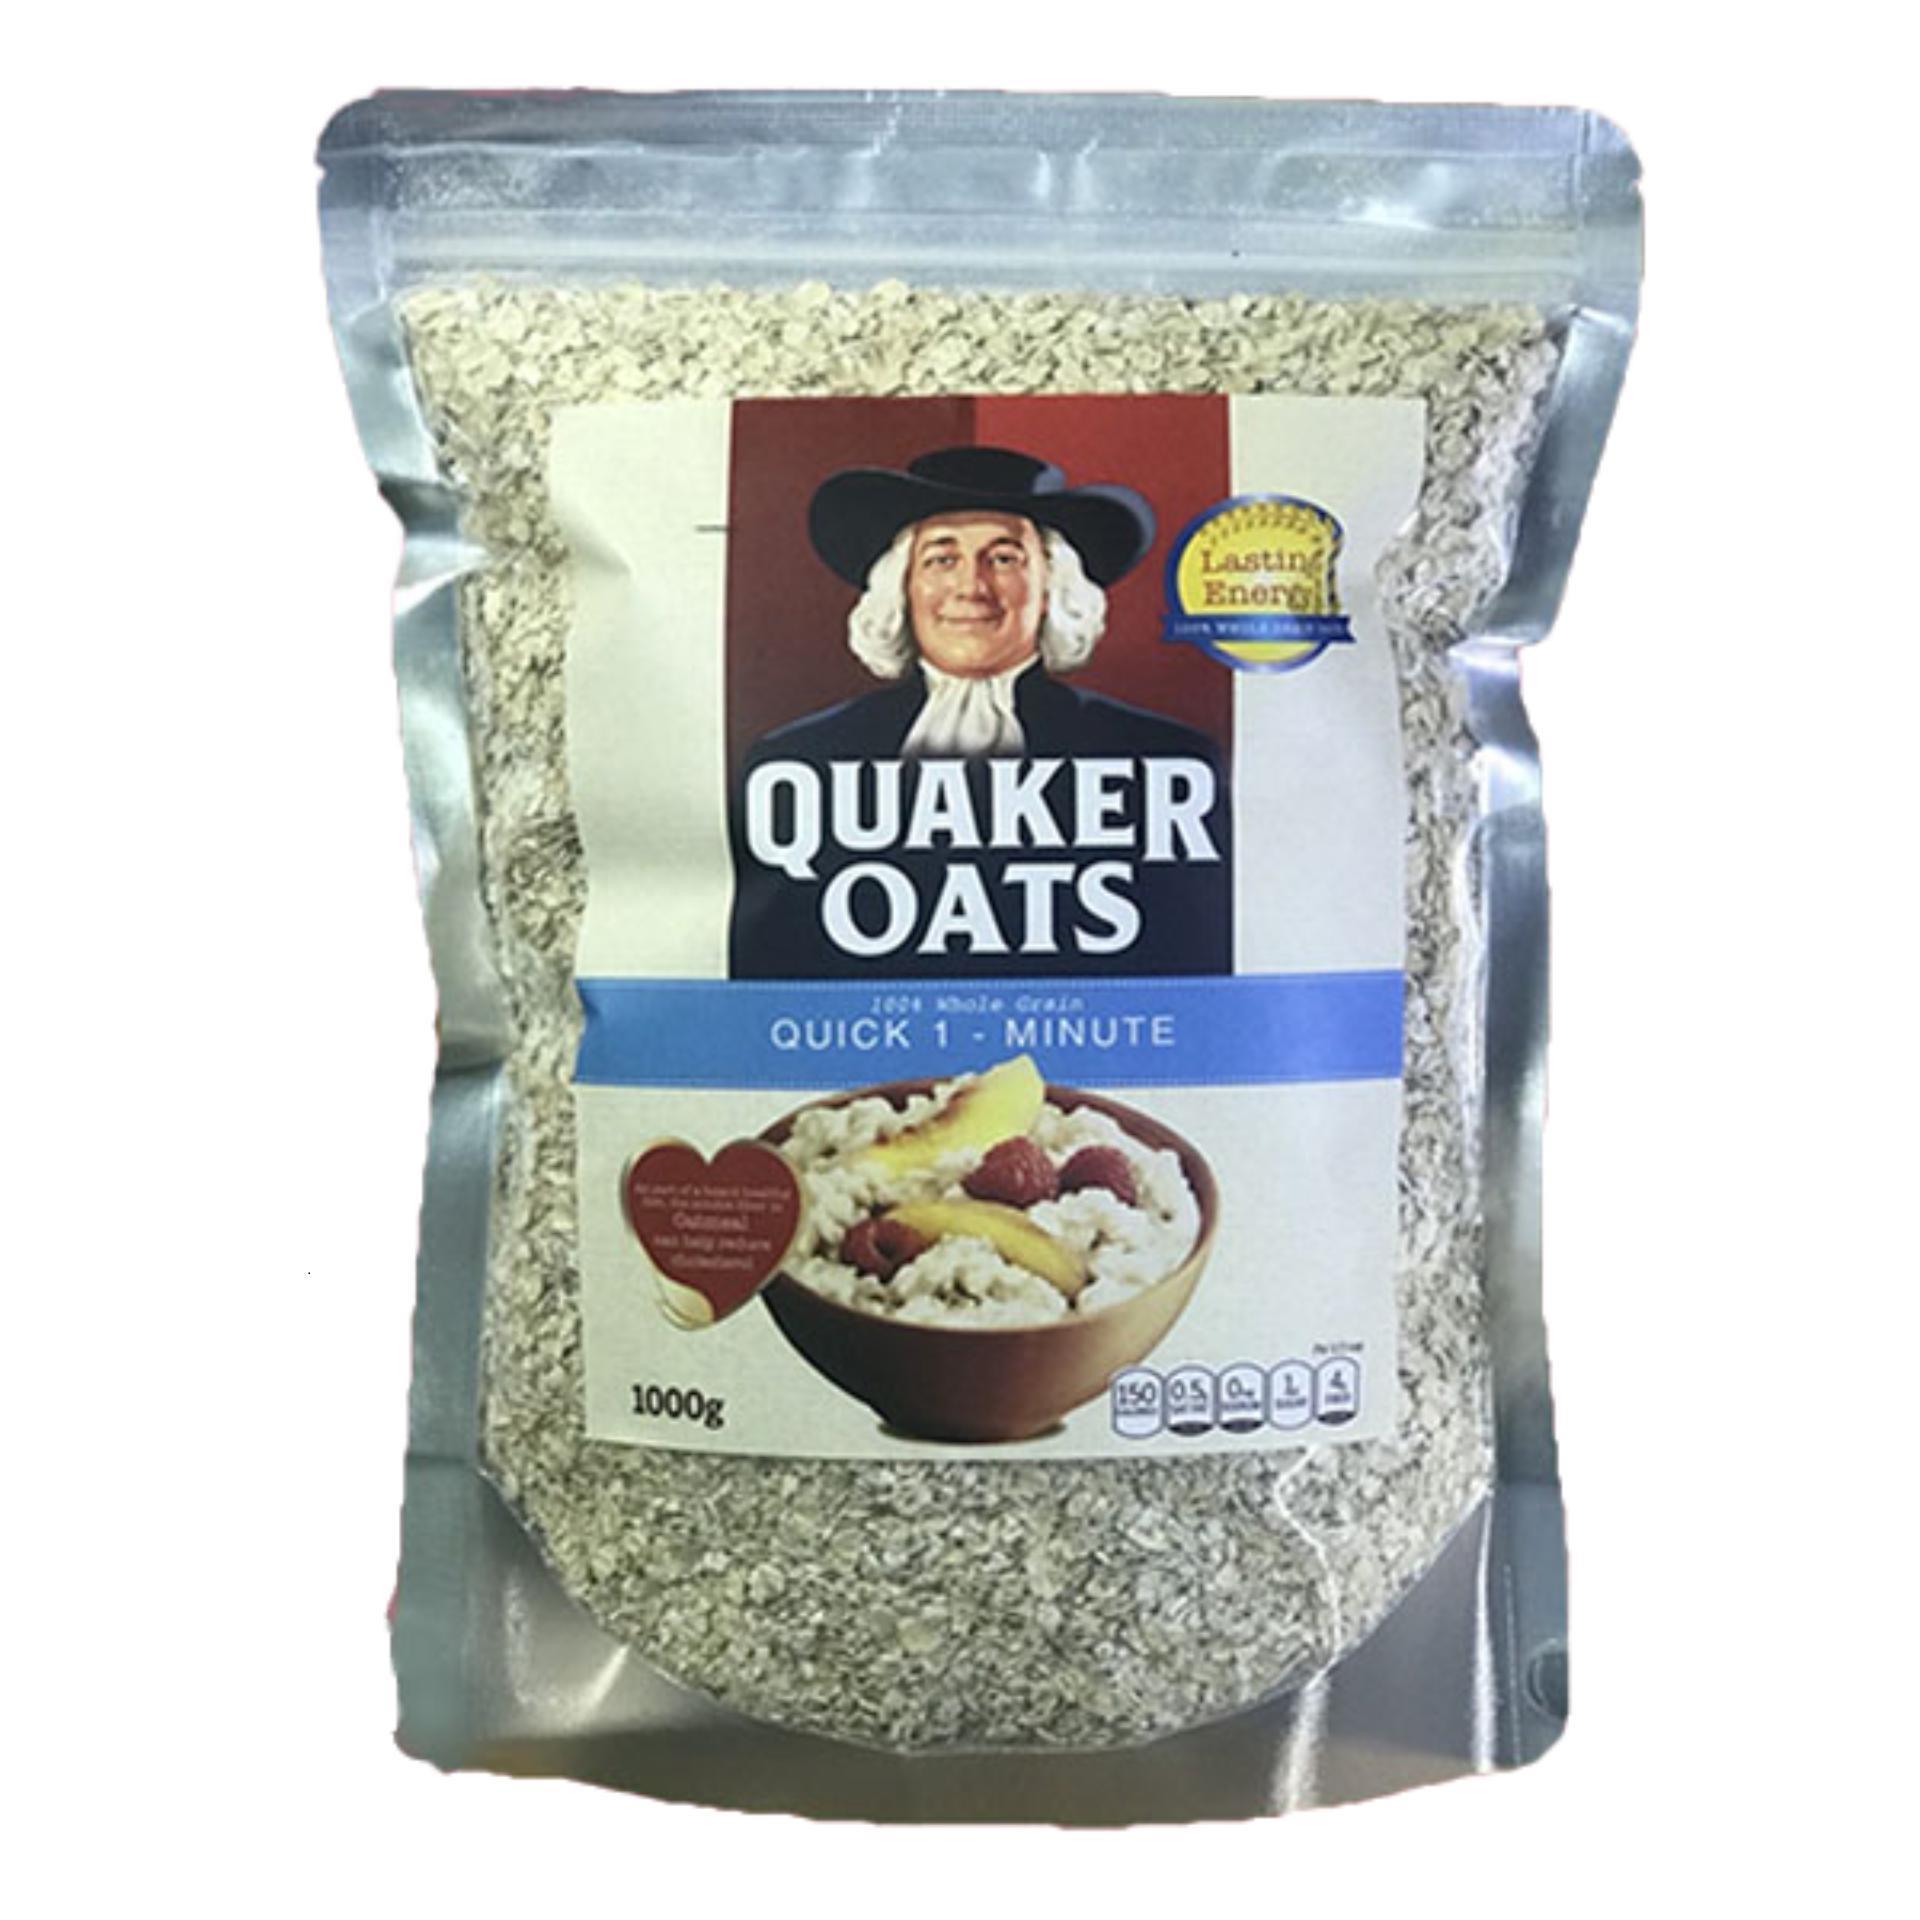 Yến Mạch Quaker Oats Quick 1 Minute 100% USA 1Kg Giảm Cân Tăng Cơ Giảm Mỡ Bảo Vệ Sức Khỏe (Chính Hãng) Đang Trong Dịp Khuyến Mãi